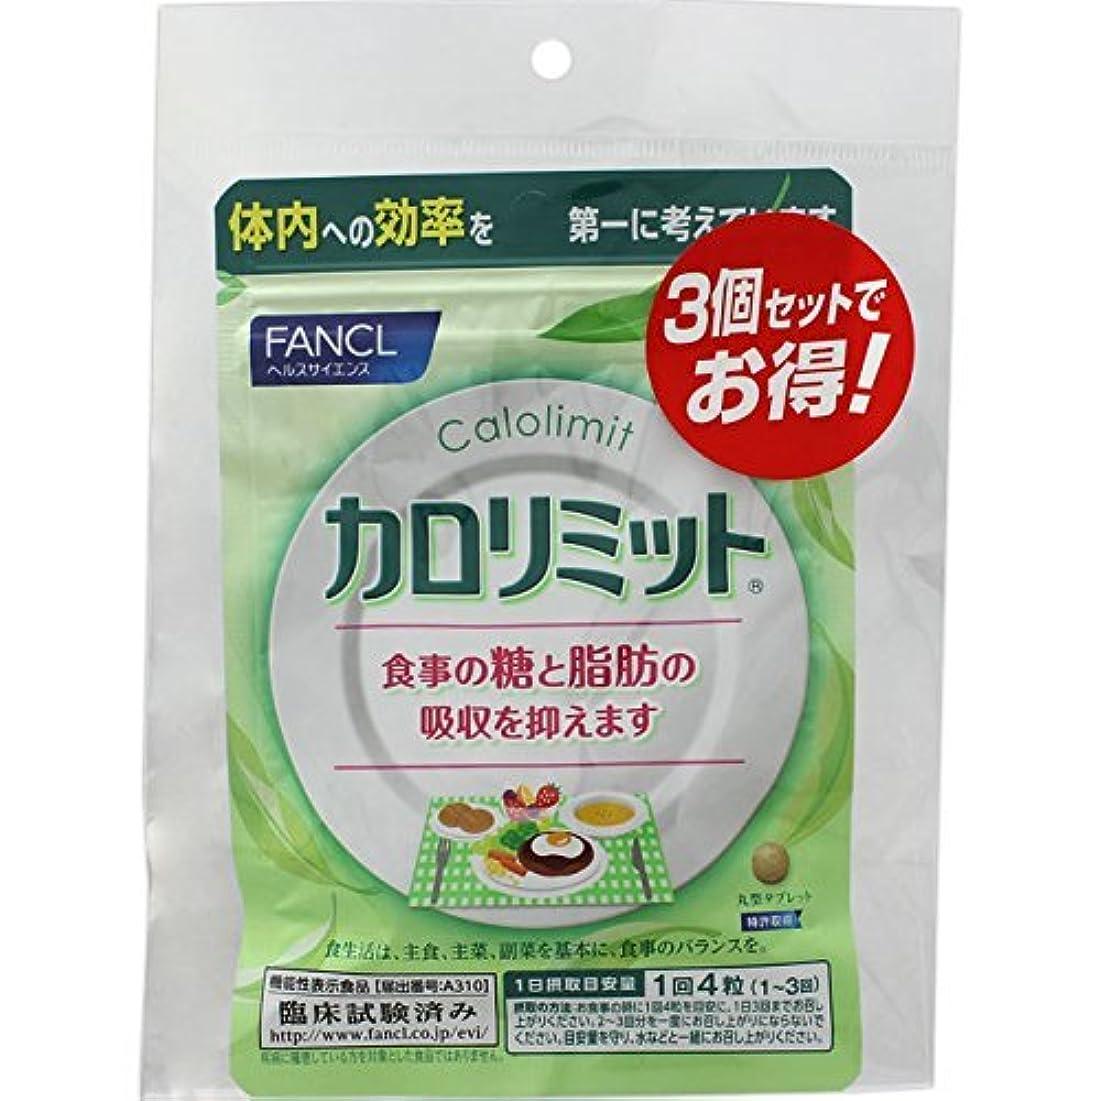 質素な色合い蚊ファンケル カロリミット30回分×3袋セット